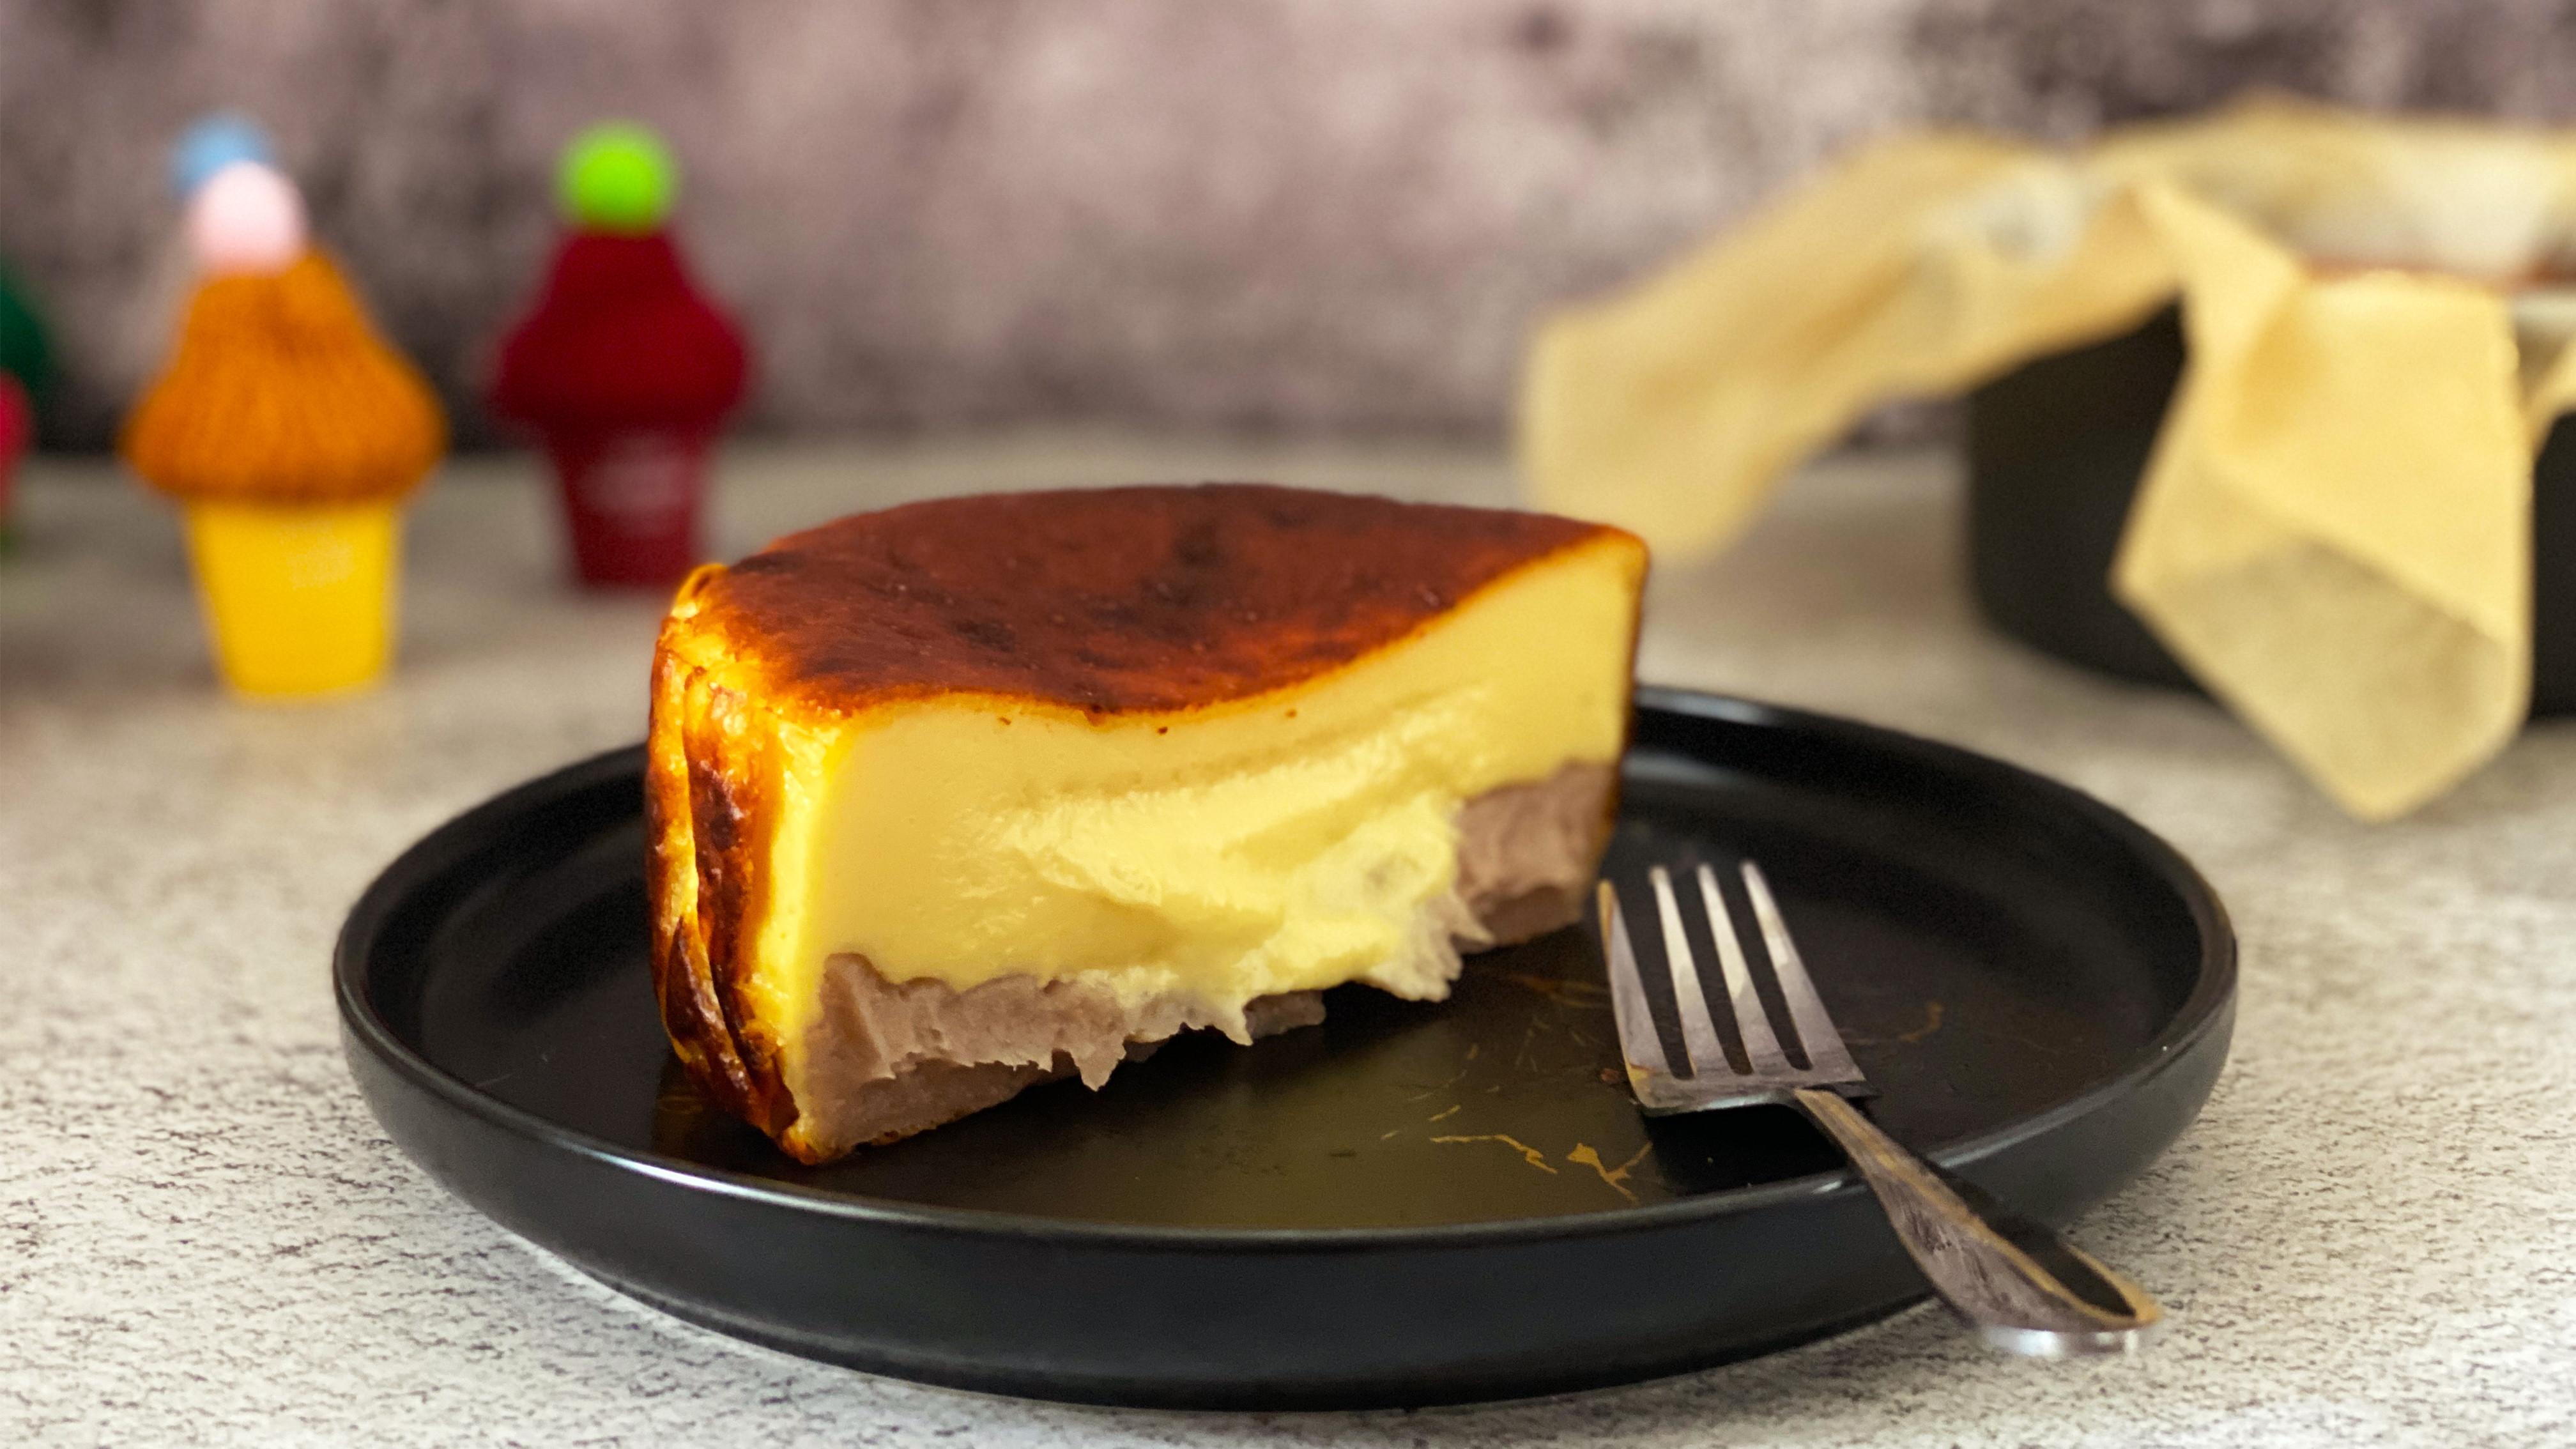 芋頭巴斯克乳酪蛋糕【9巷5弄】